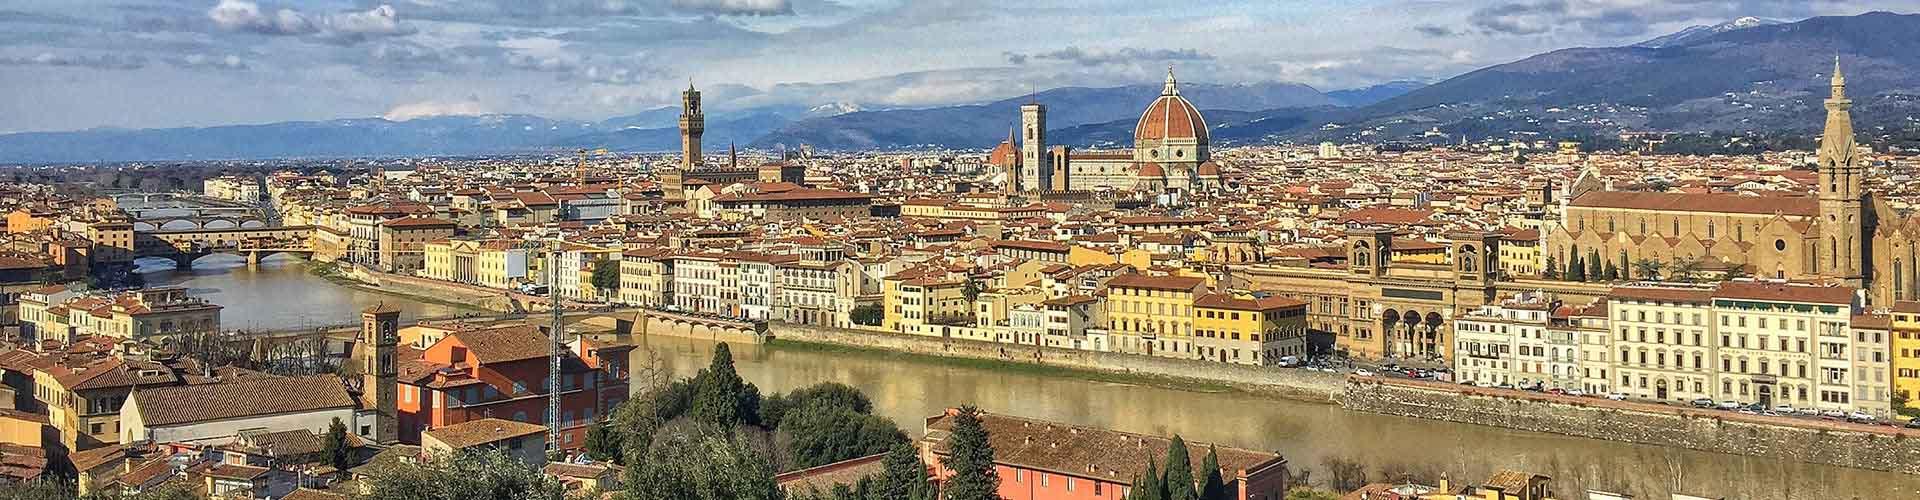 Florence - Camping dans le quartier de Duomo - Oltrarno. Cartes pour Florence, photos et commentaires pour chaque camping à Florence.